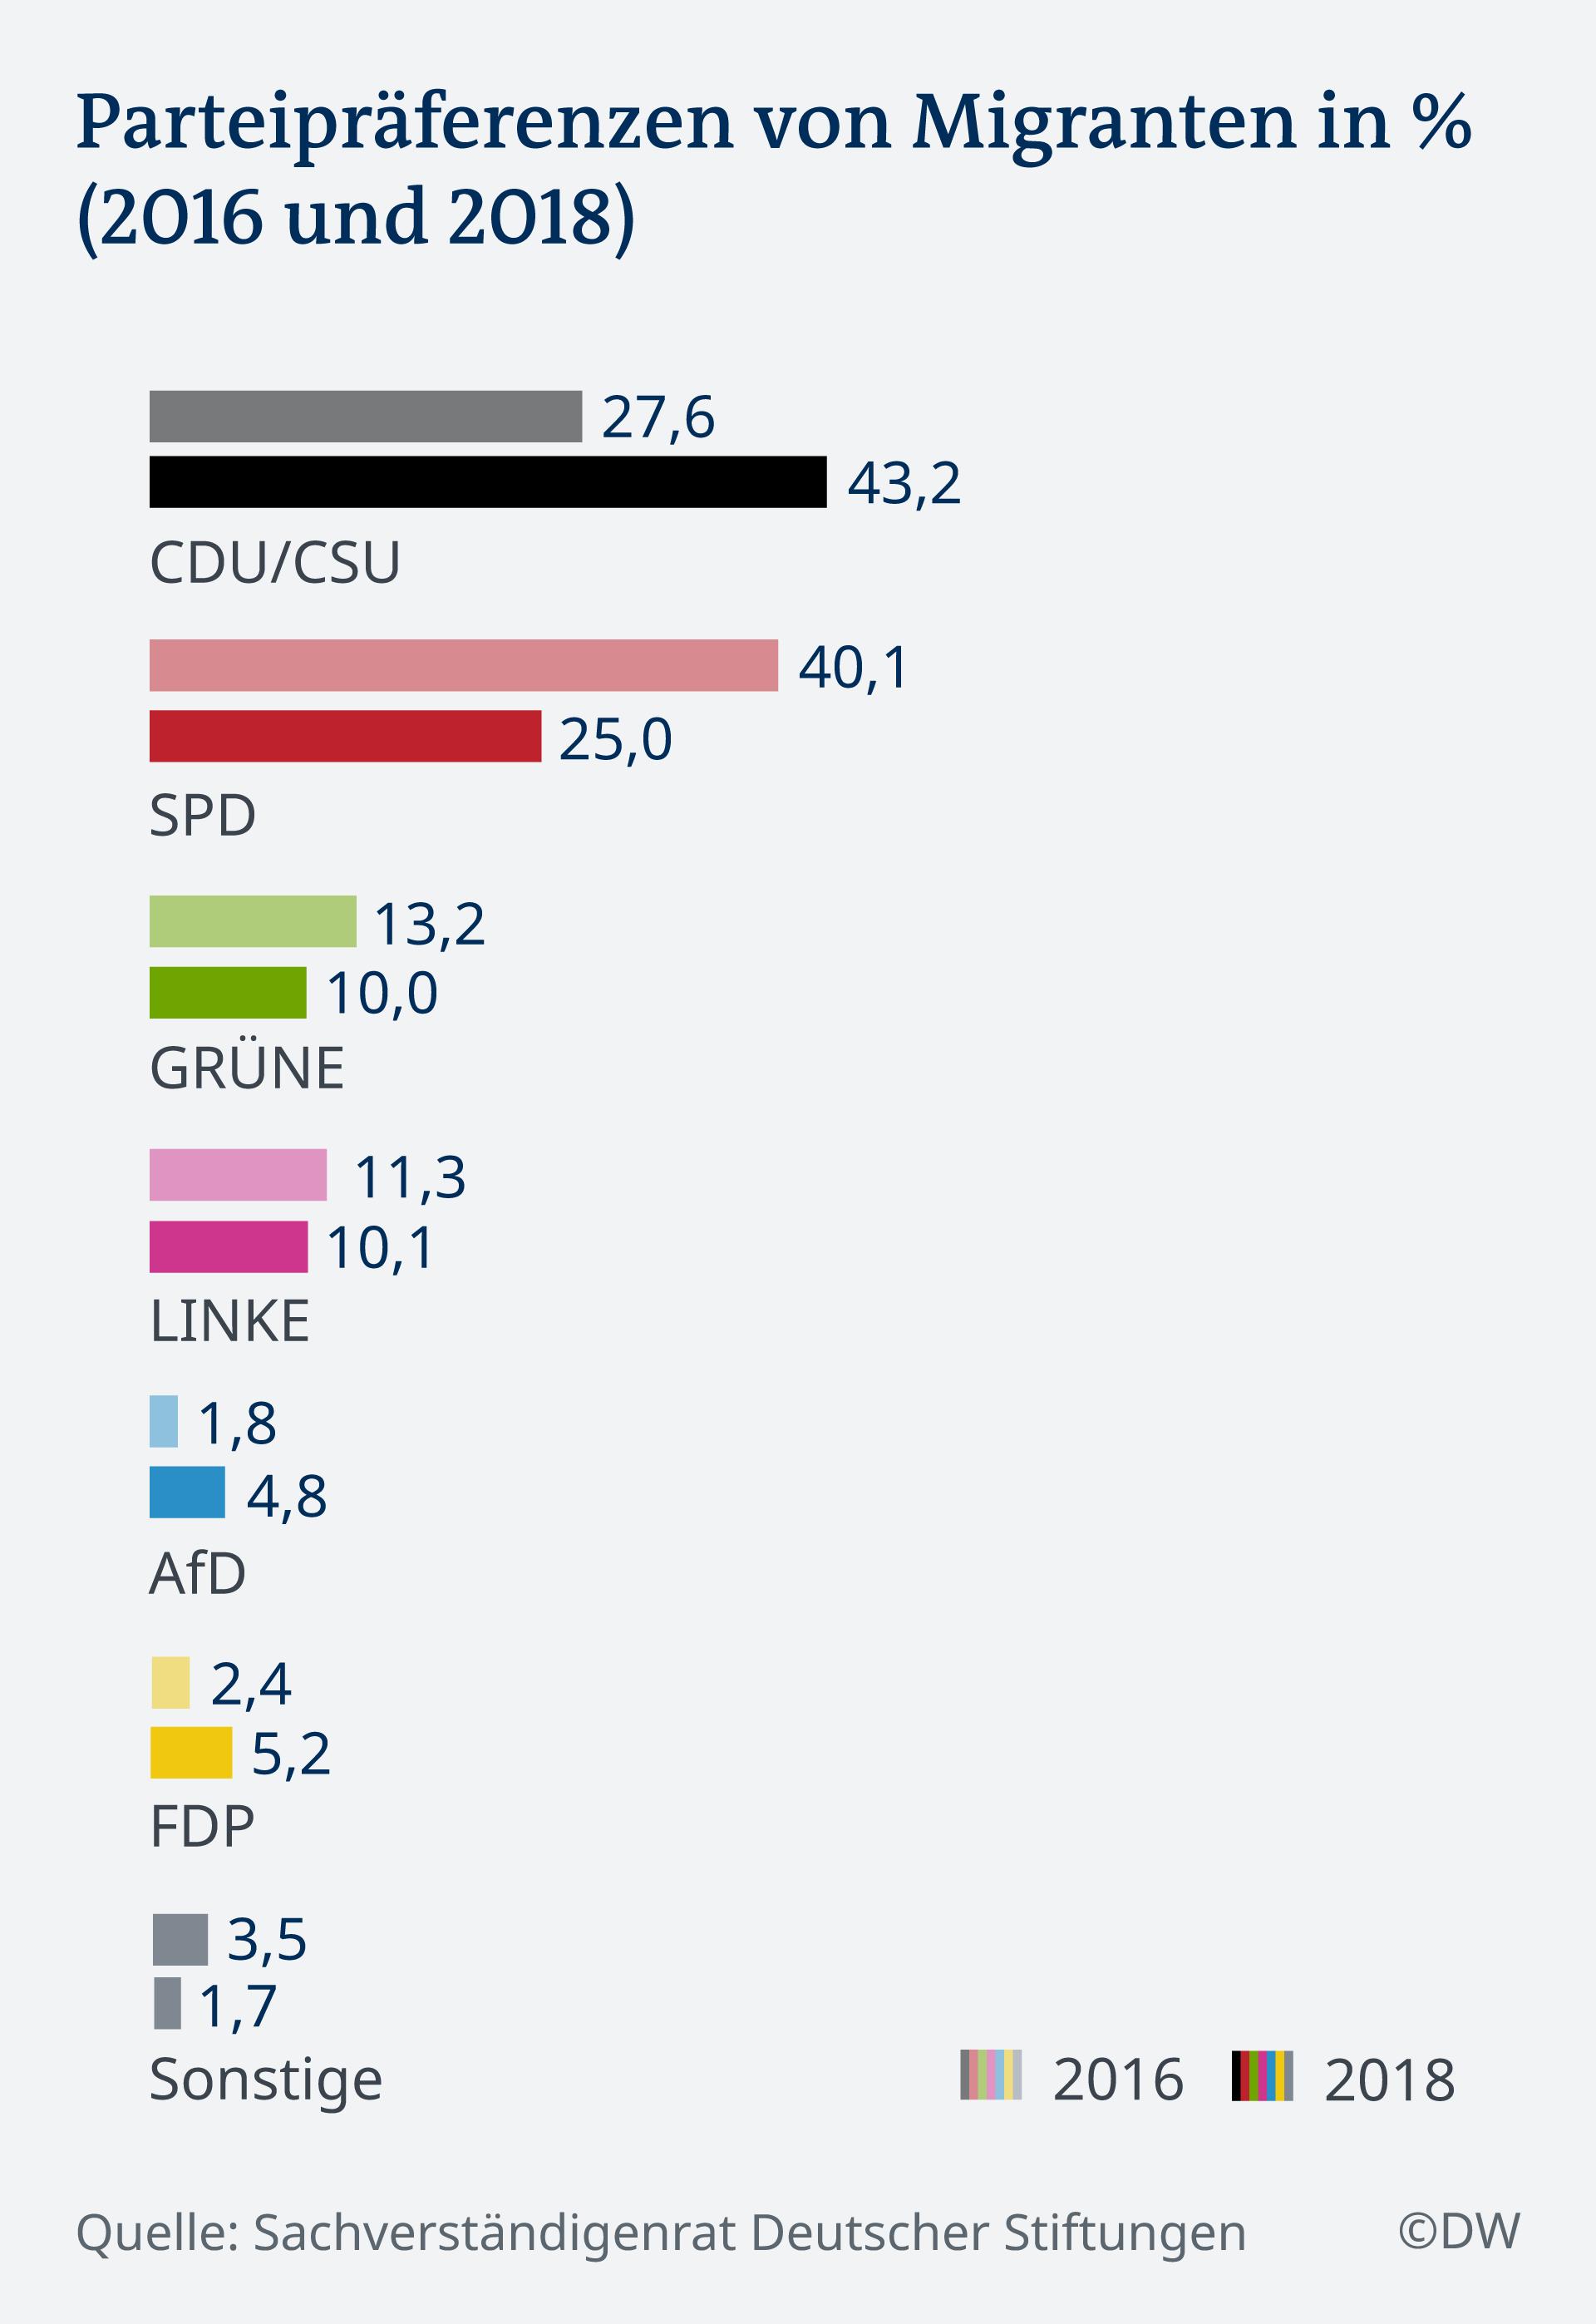 Infografik Parteipräferenzen von Migranten in % (2016 und 2018) DE